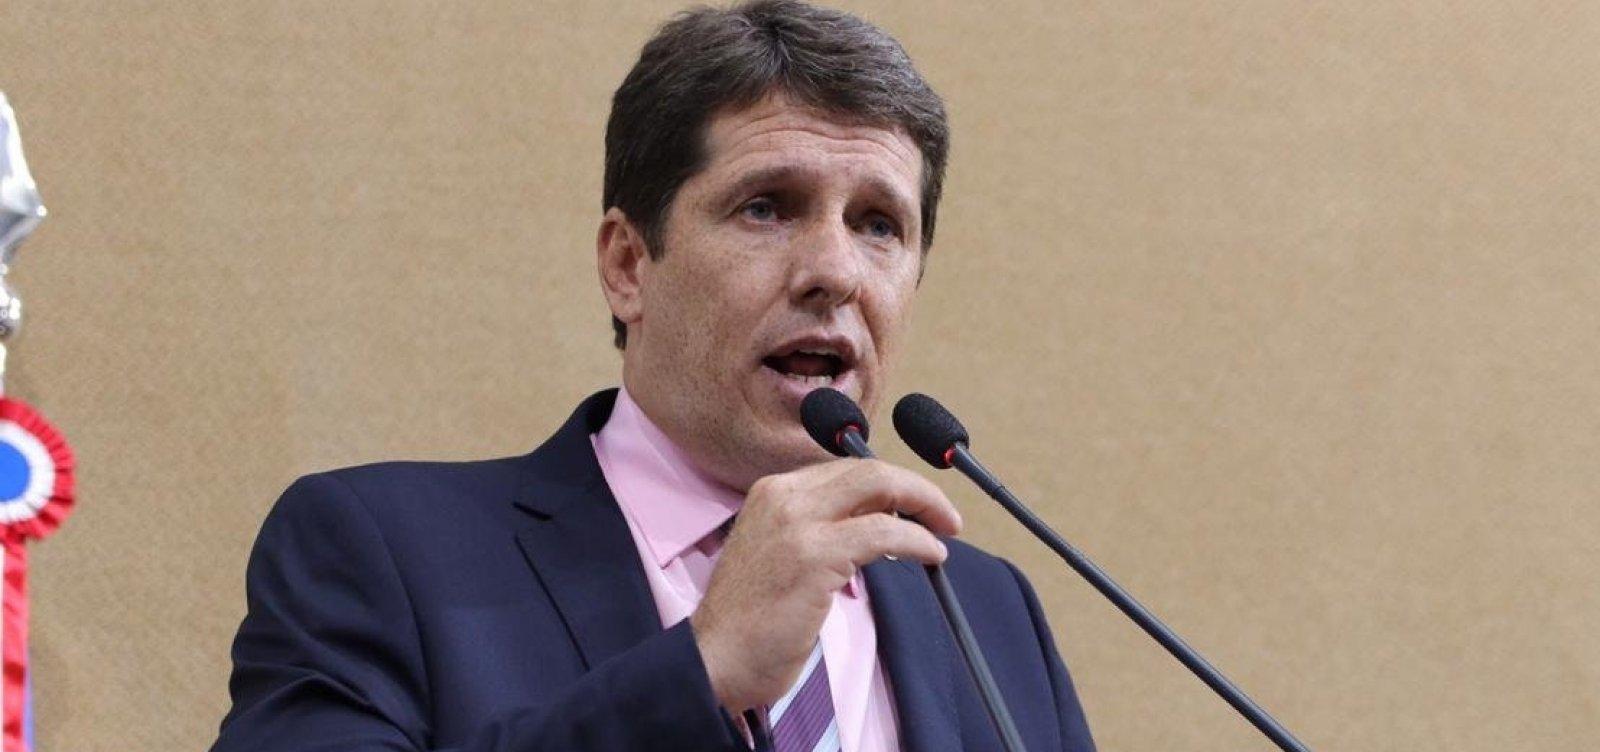 Após um mês de 'Three Hills', deputado baiano e suspeitos seguem sem denúncia no MPF